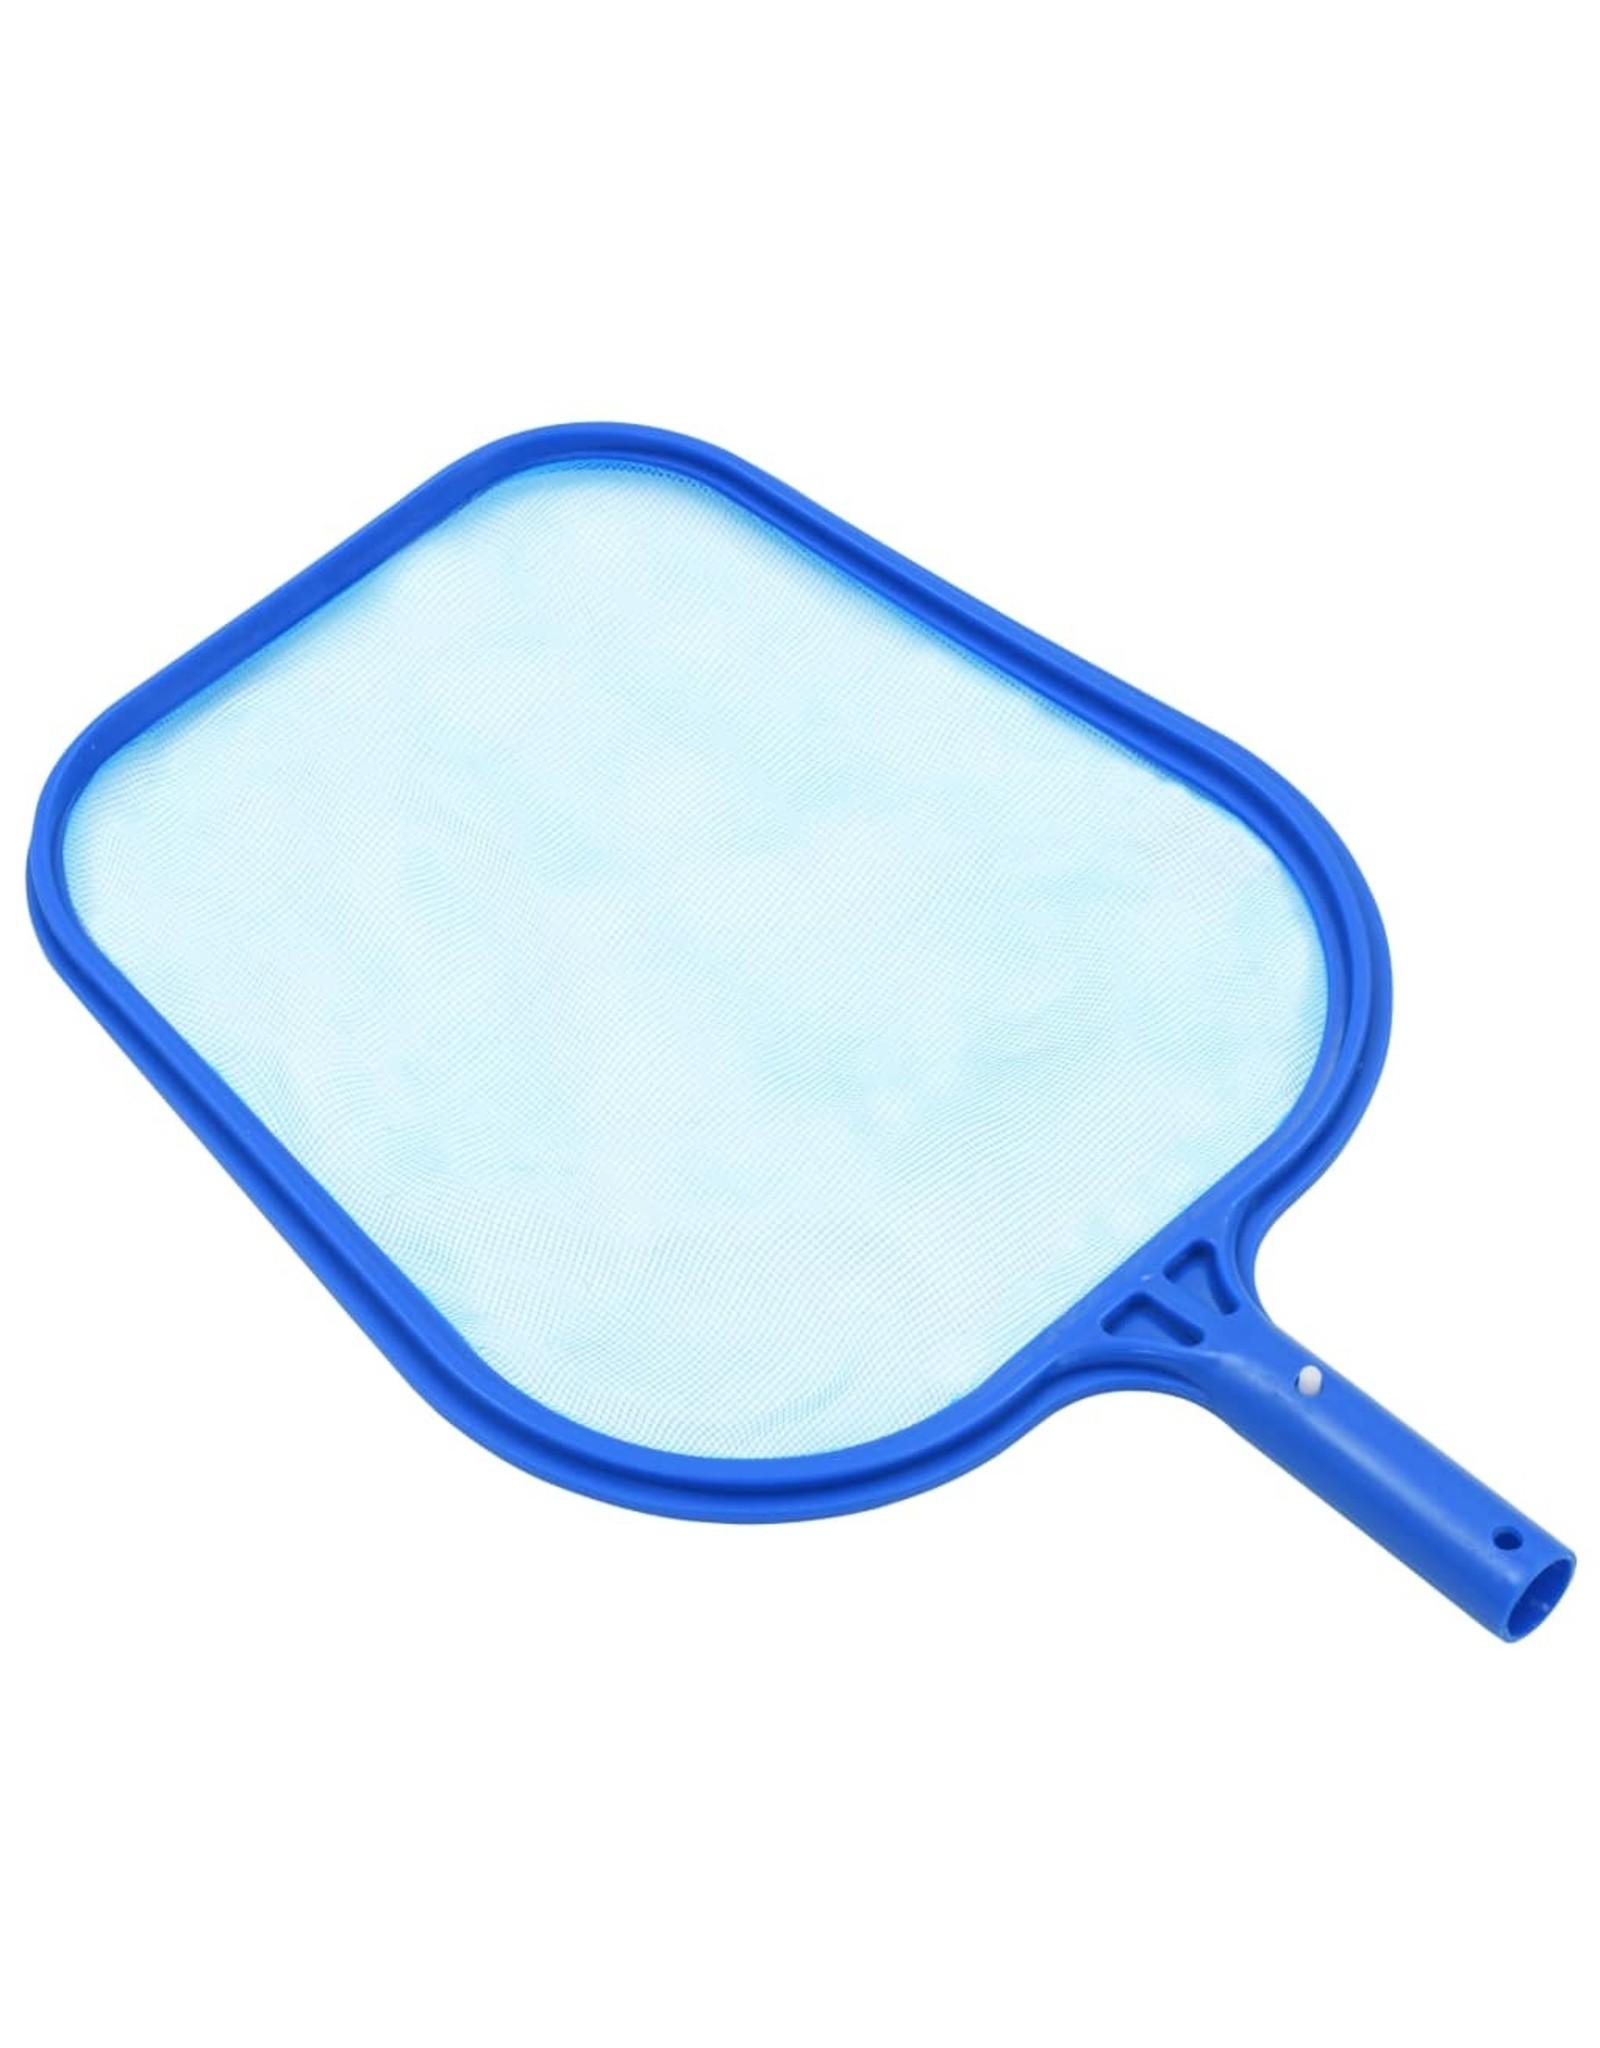 3-delige Onderhoudsset voor zwembad